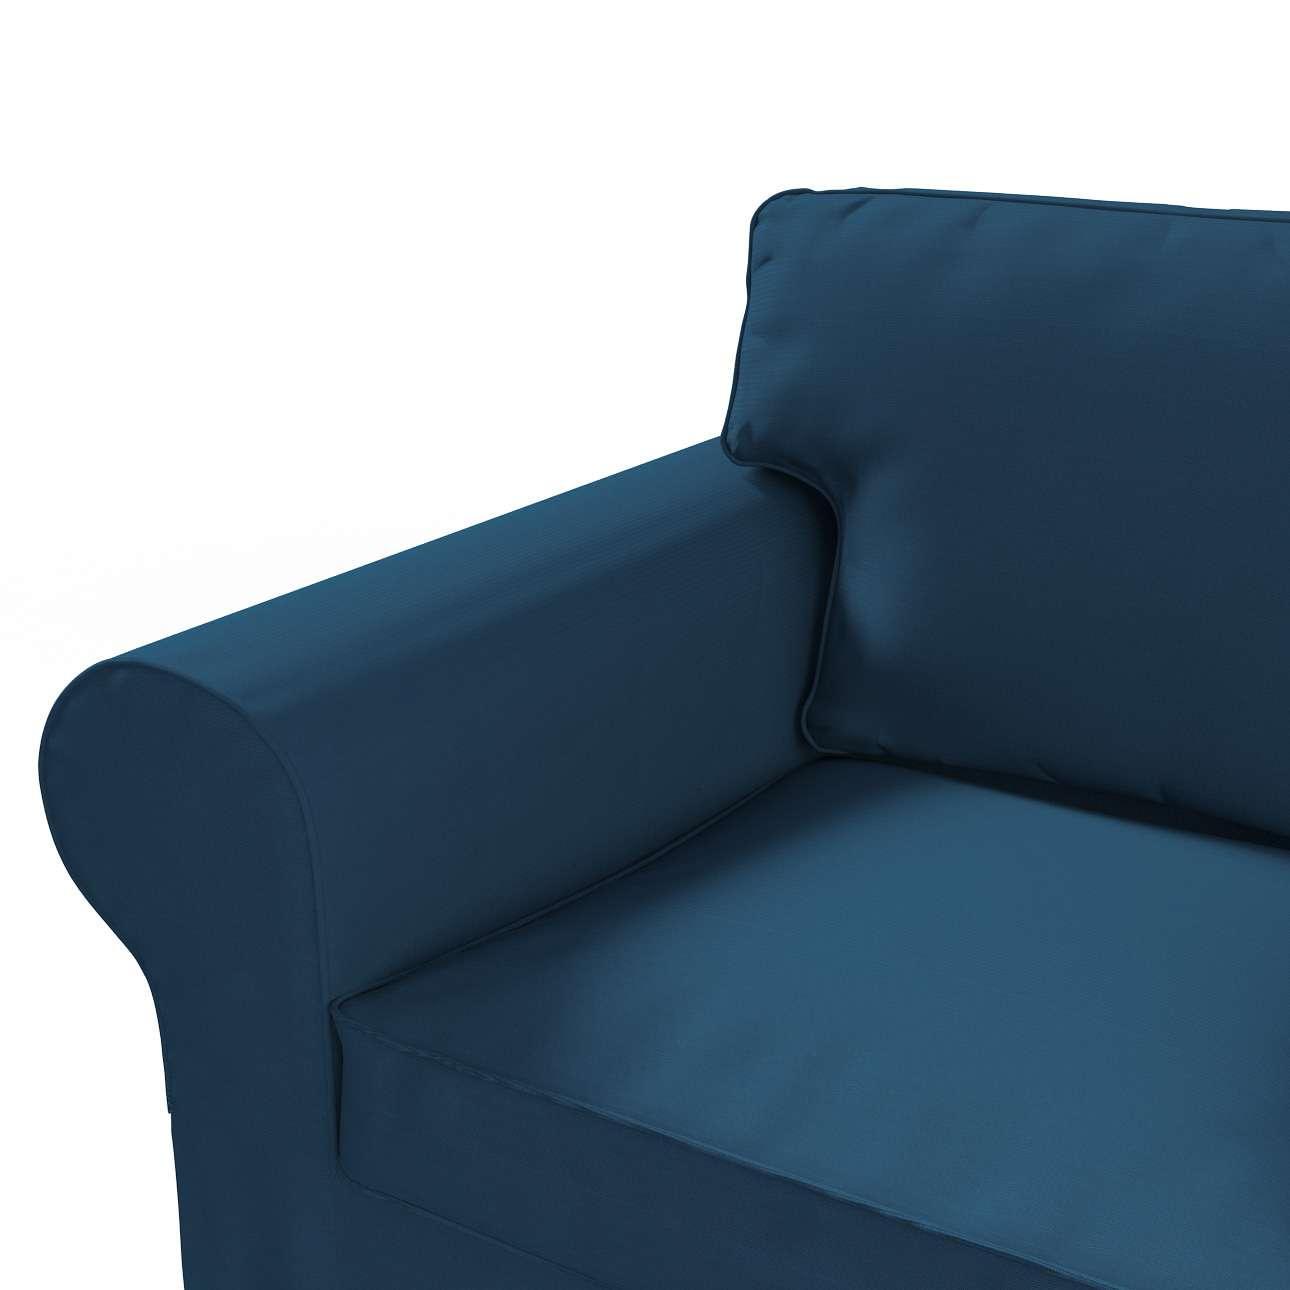 Pokrowiec na sofę Ektorp 2-osobową, rozkładaną, model do 2012 w kolekcji Cotton Panama, tkanina: 702-30